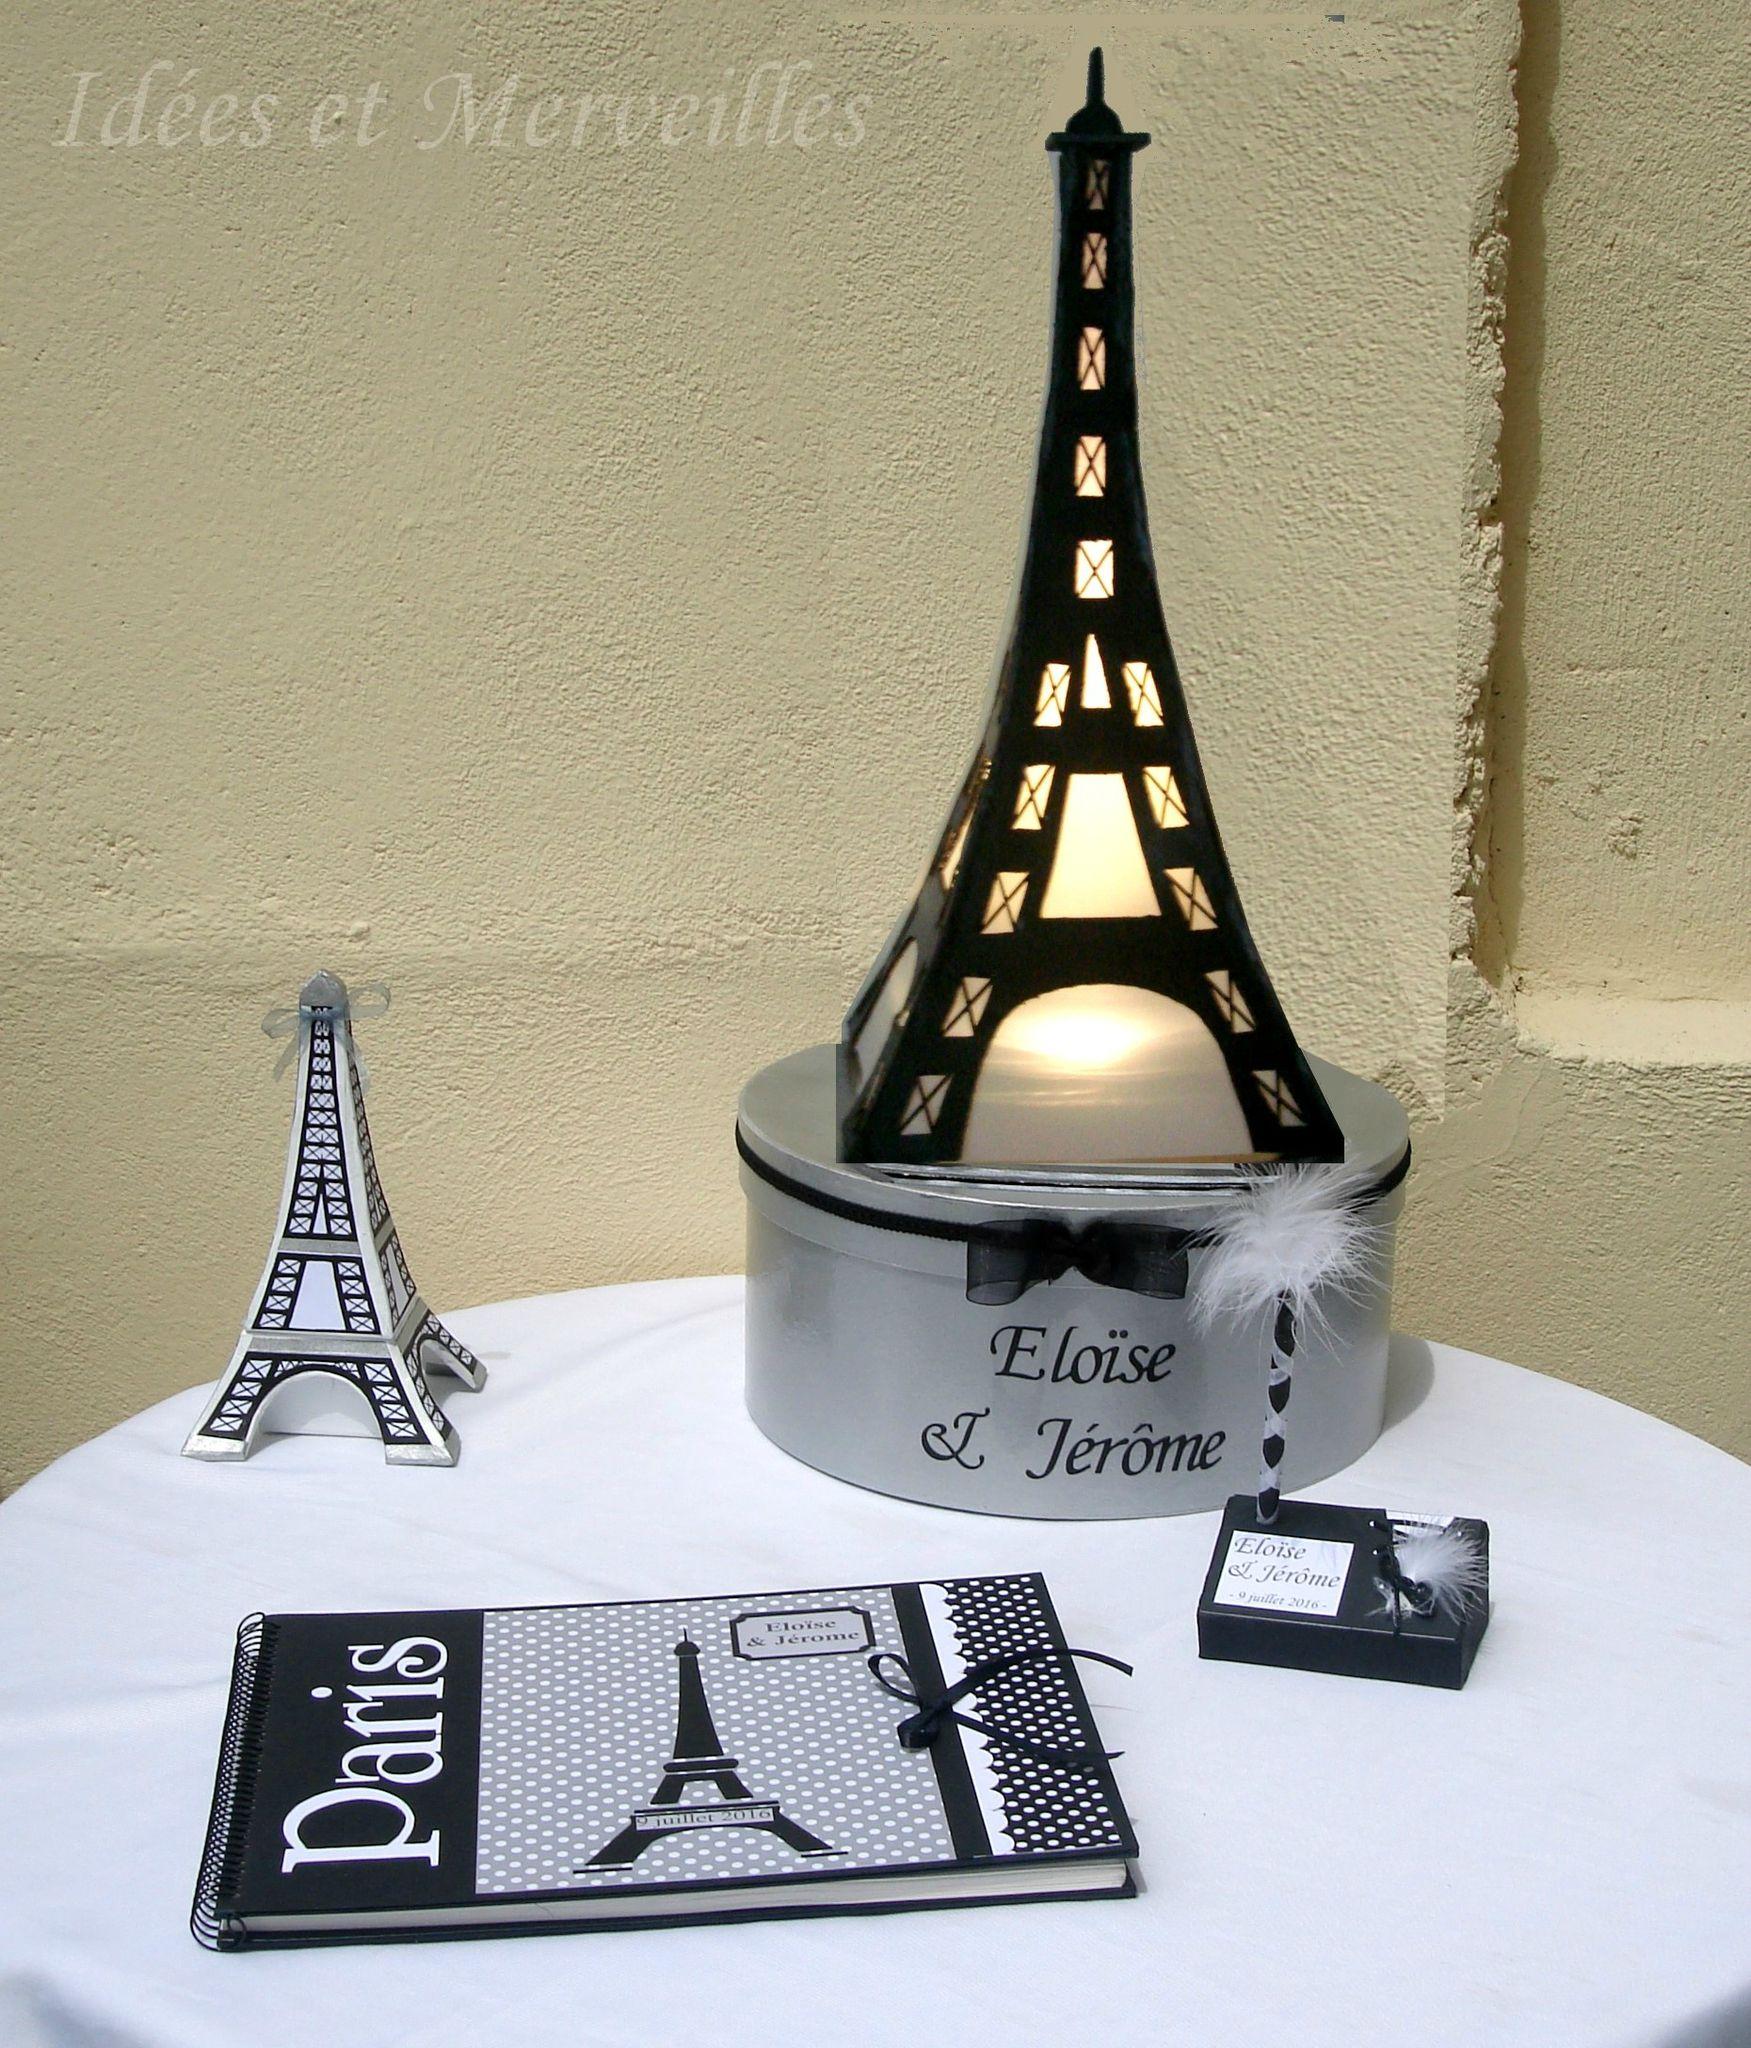 deco theme paris - idees et merveilles | Mariage thème PARIS ...